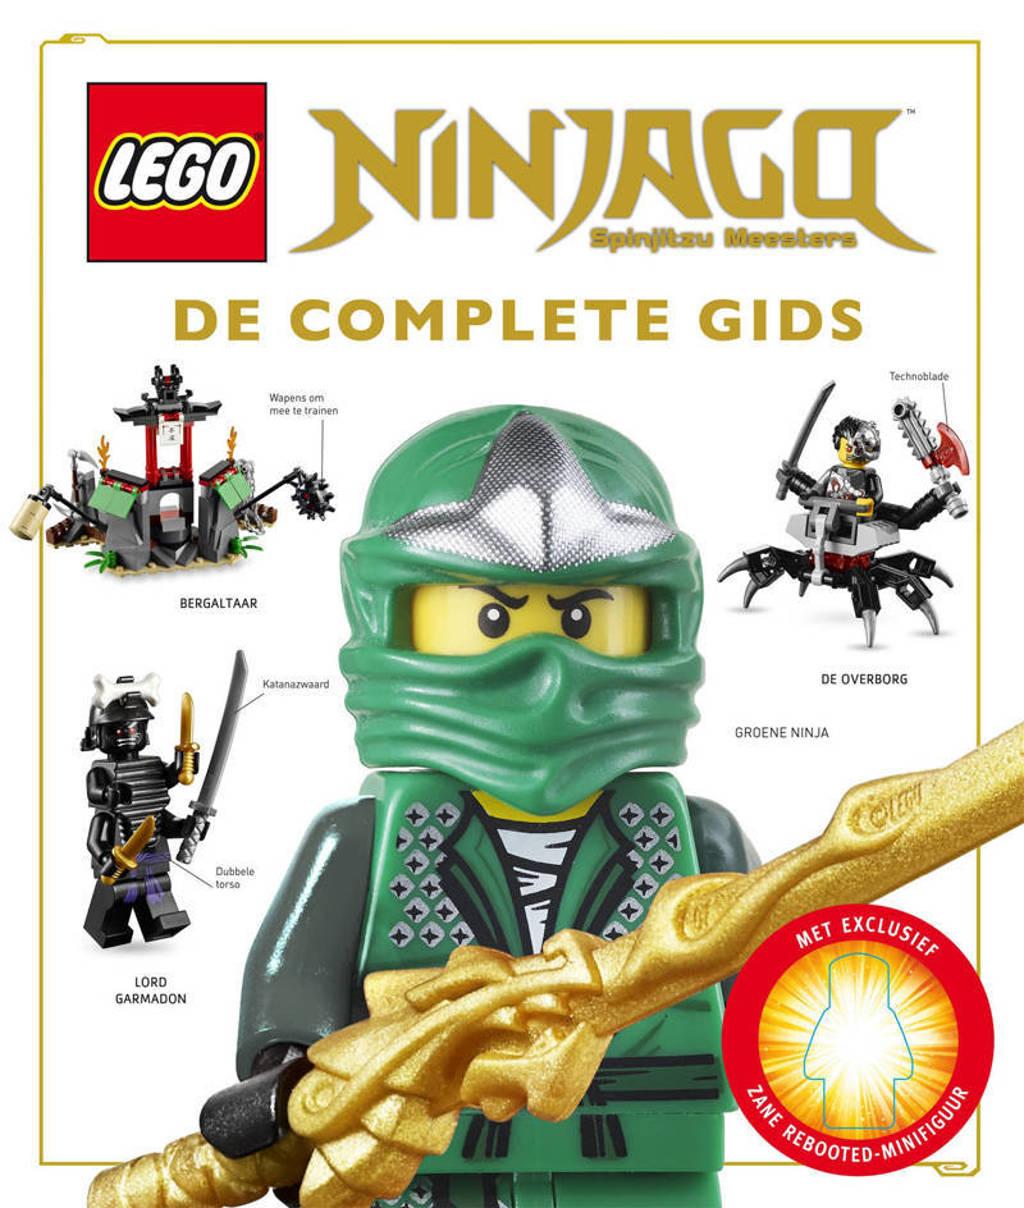 Lego Ninjago Spinjitzu meesters - Hannah Dolan